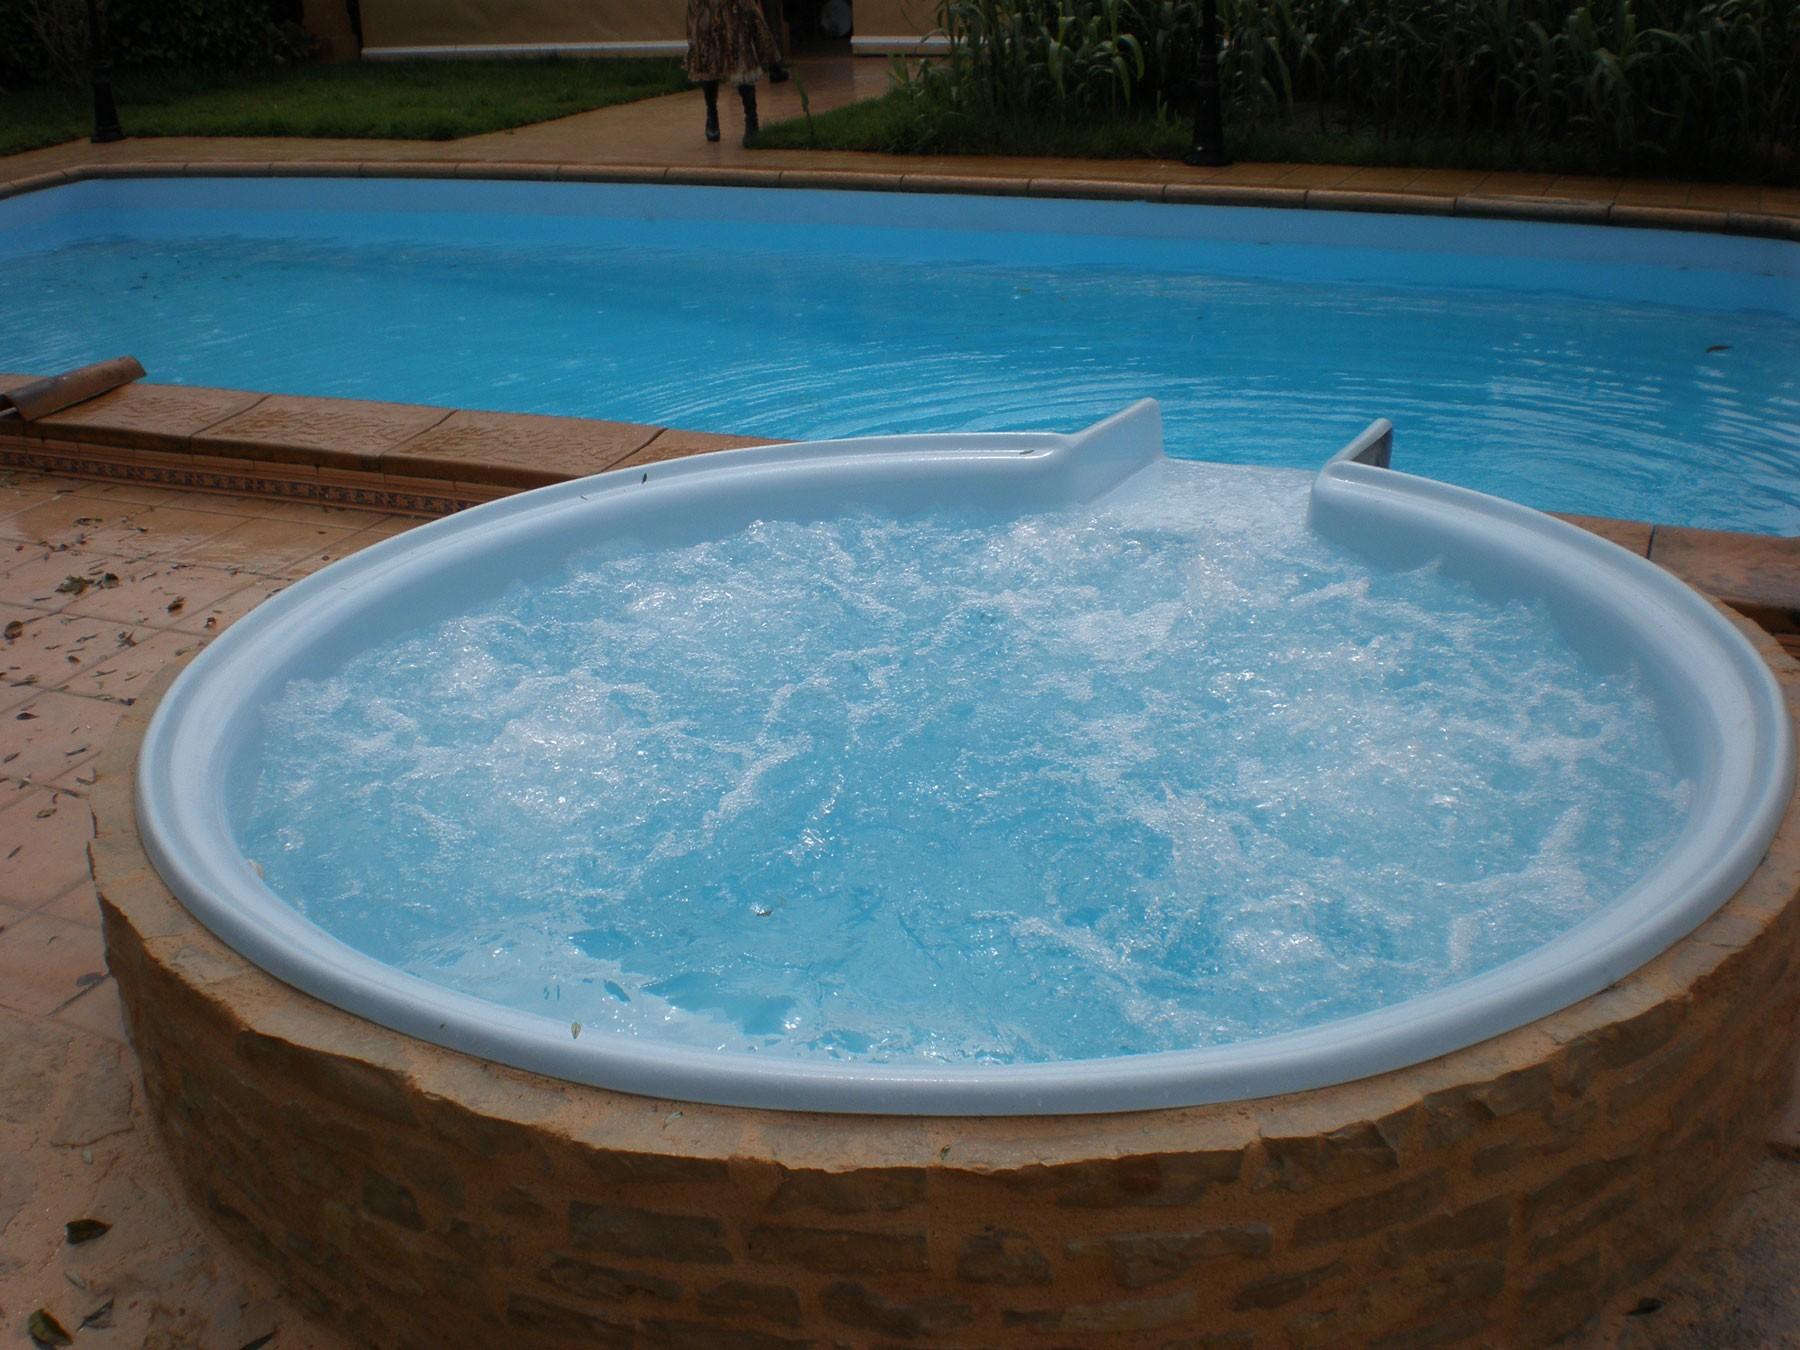 Pisinas de fibra piscinas de fibras baratas anuncio n for Piscinas fibra baratas